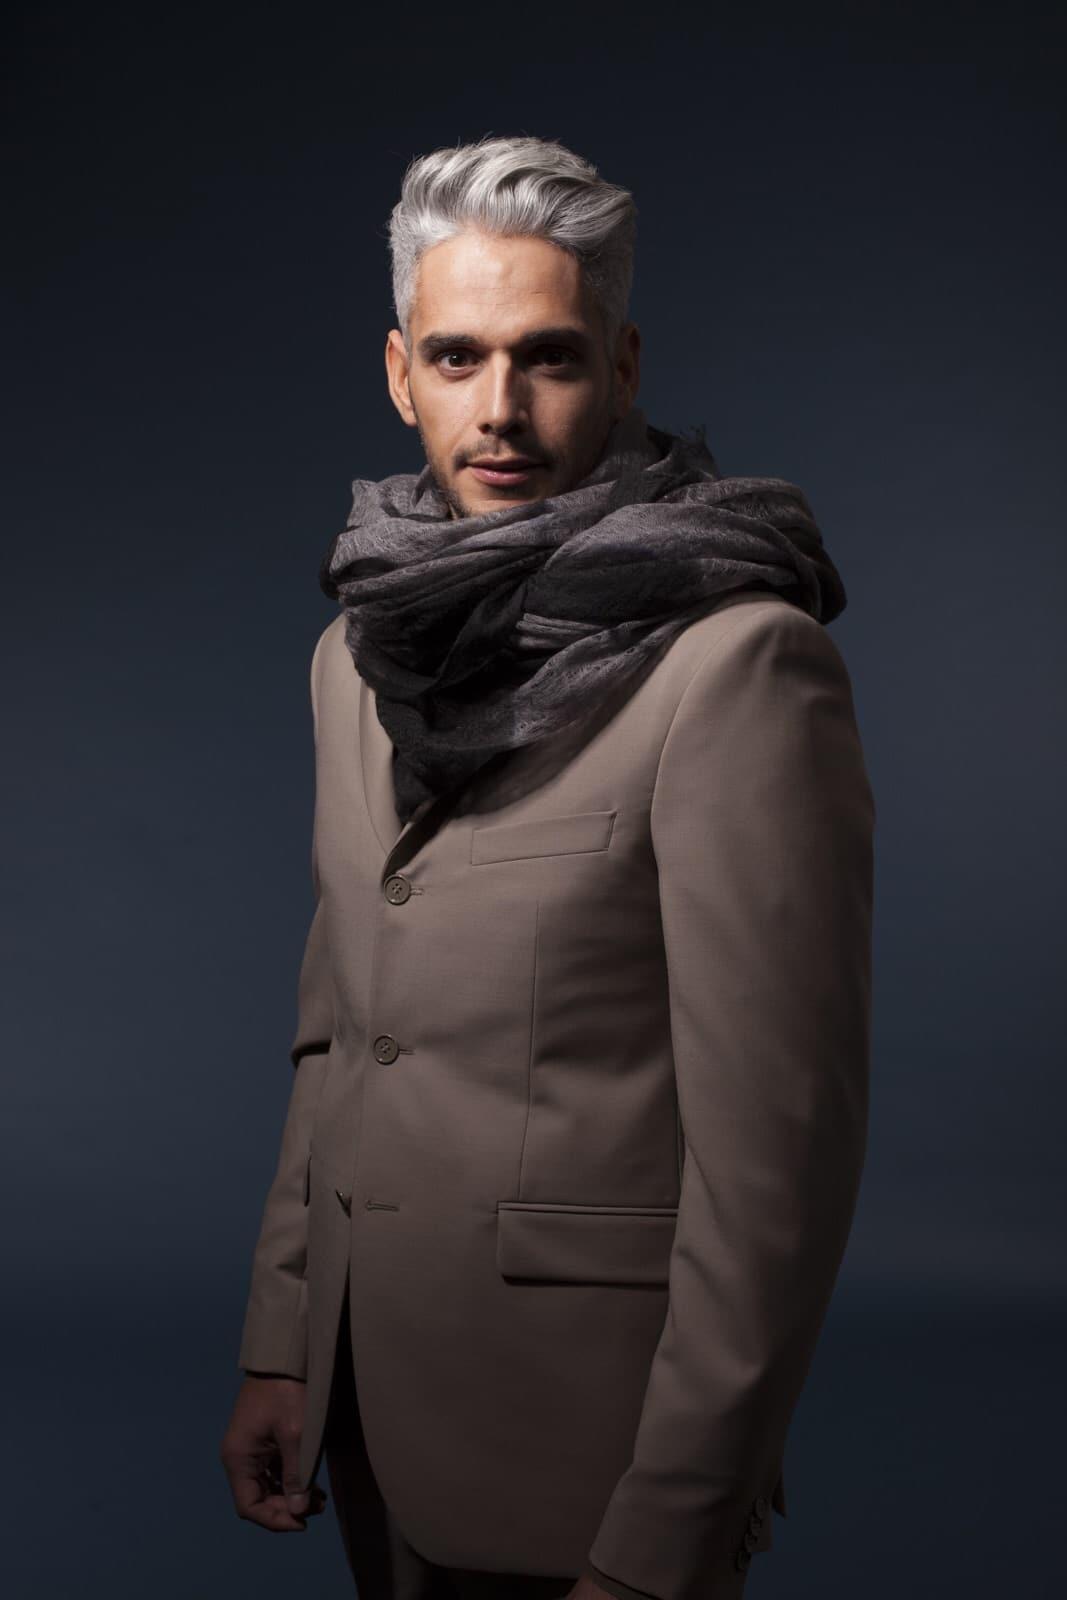 Mohammed Simsek